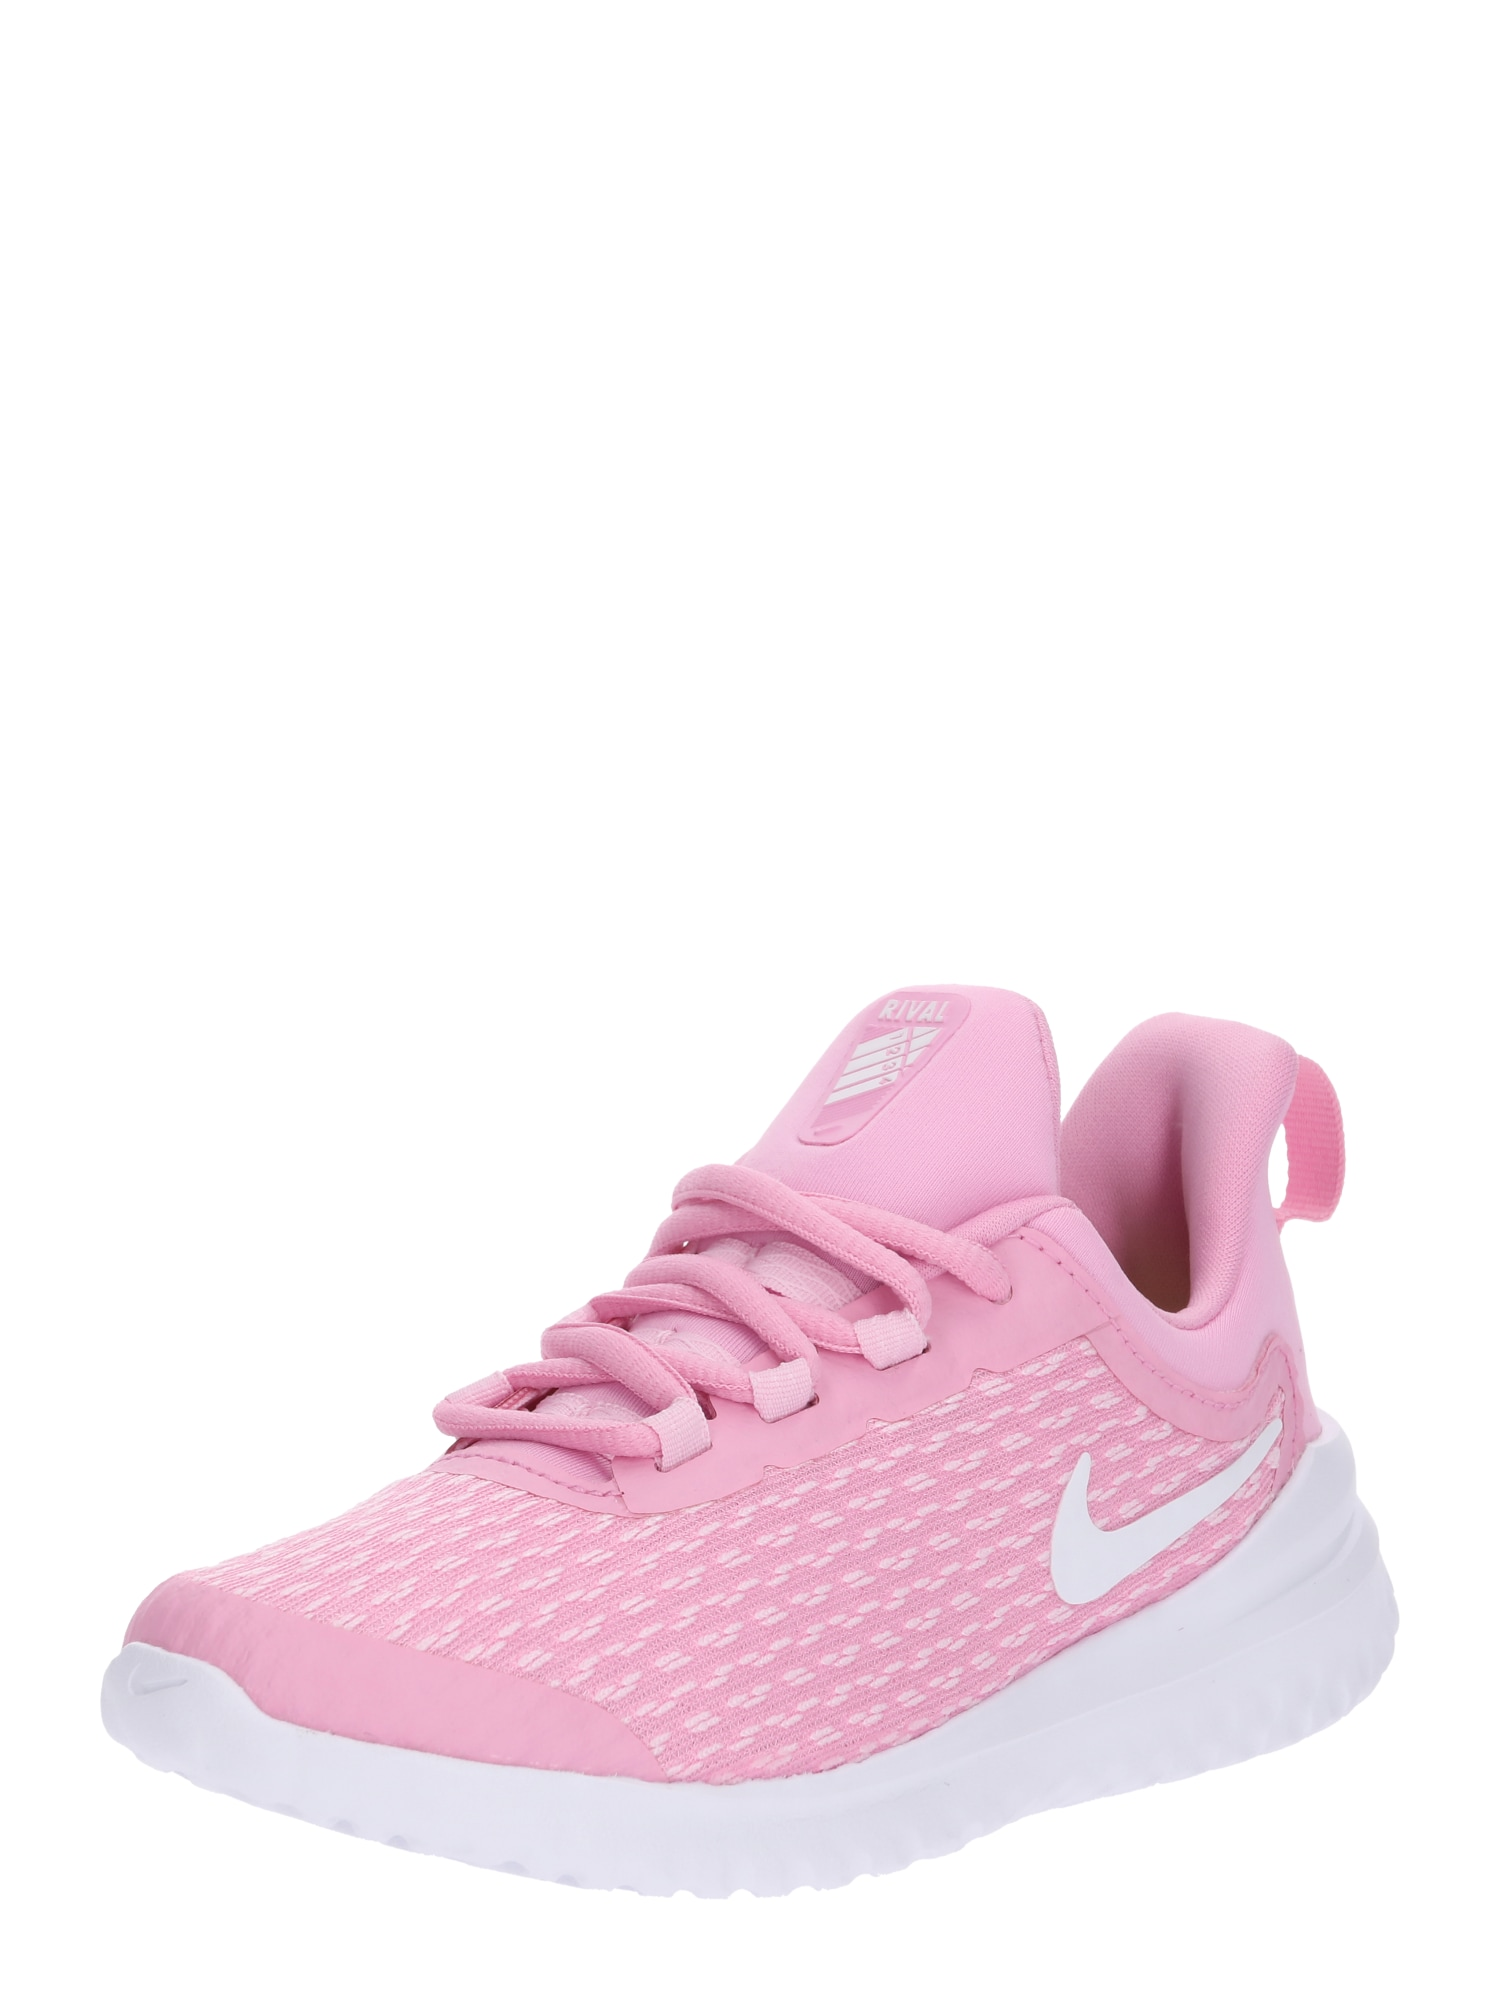 Sportovní boty Nike Hayward pink bílá NIKE